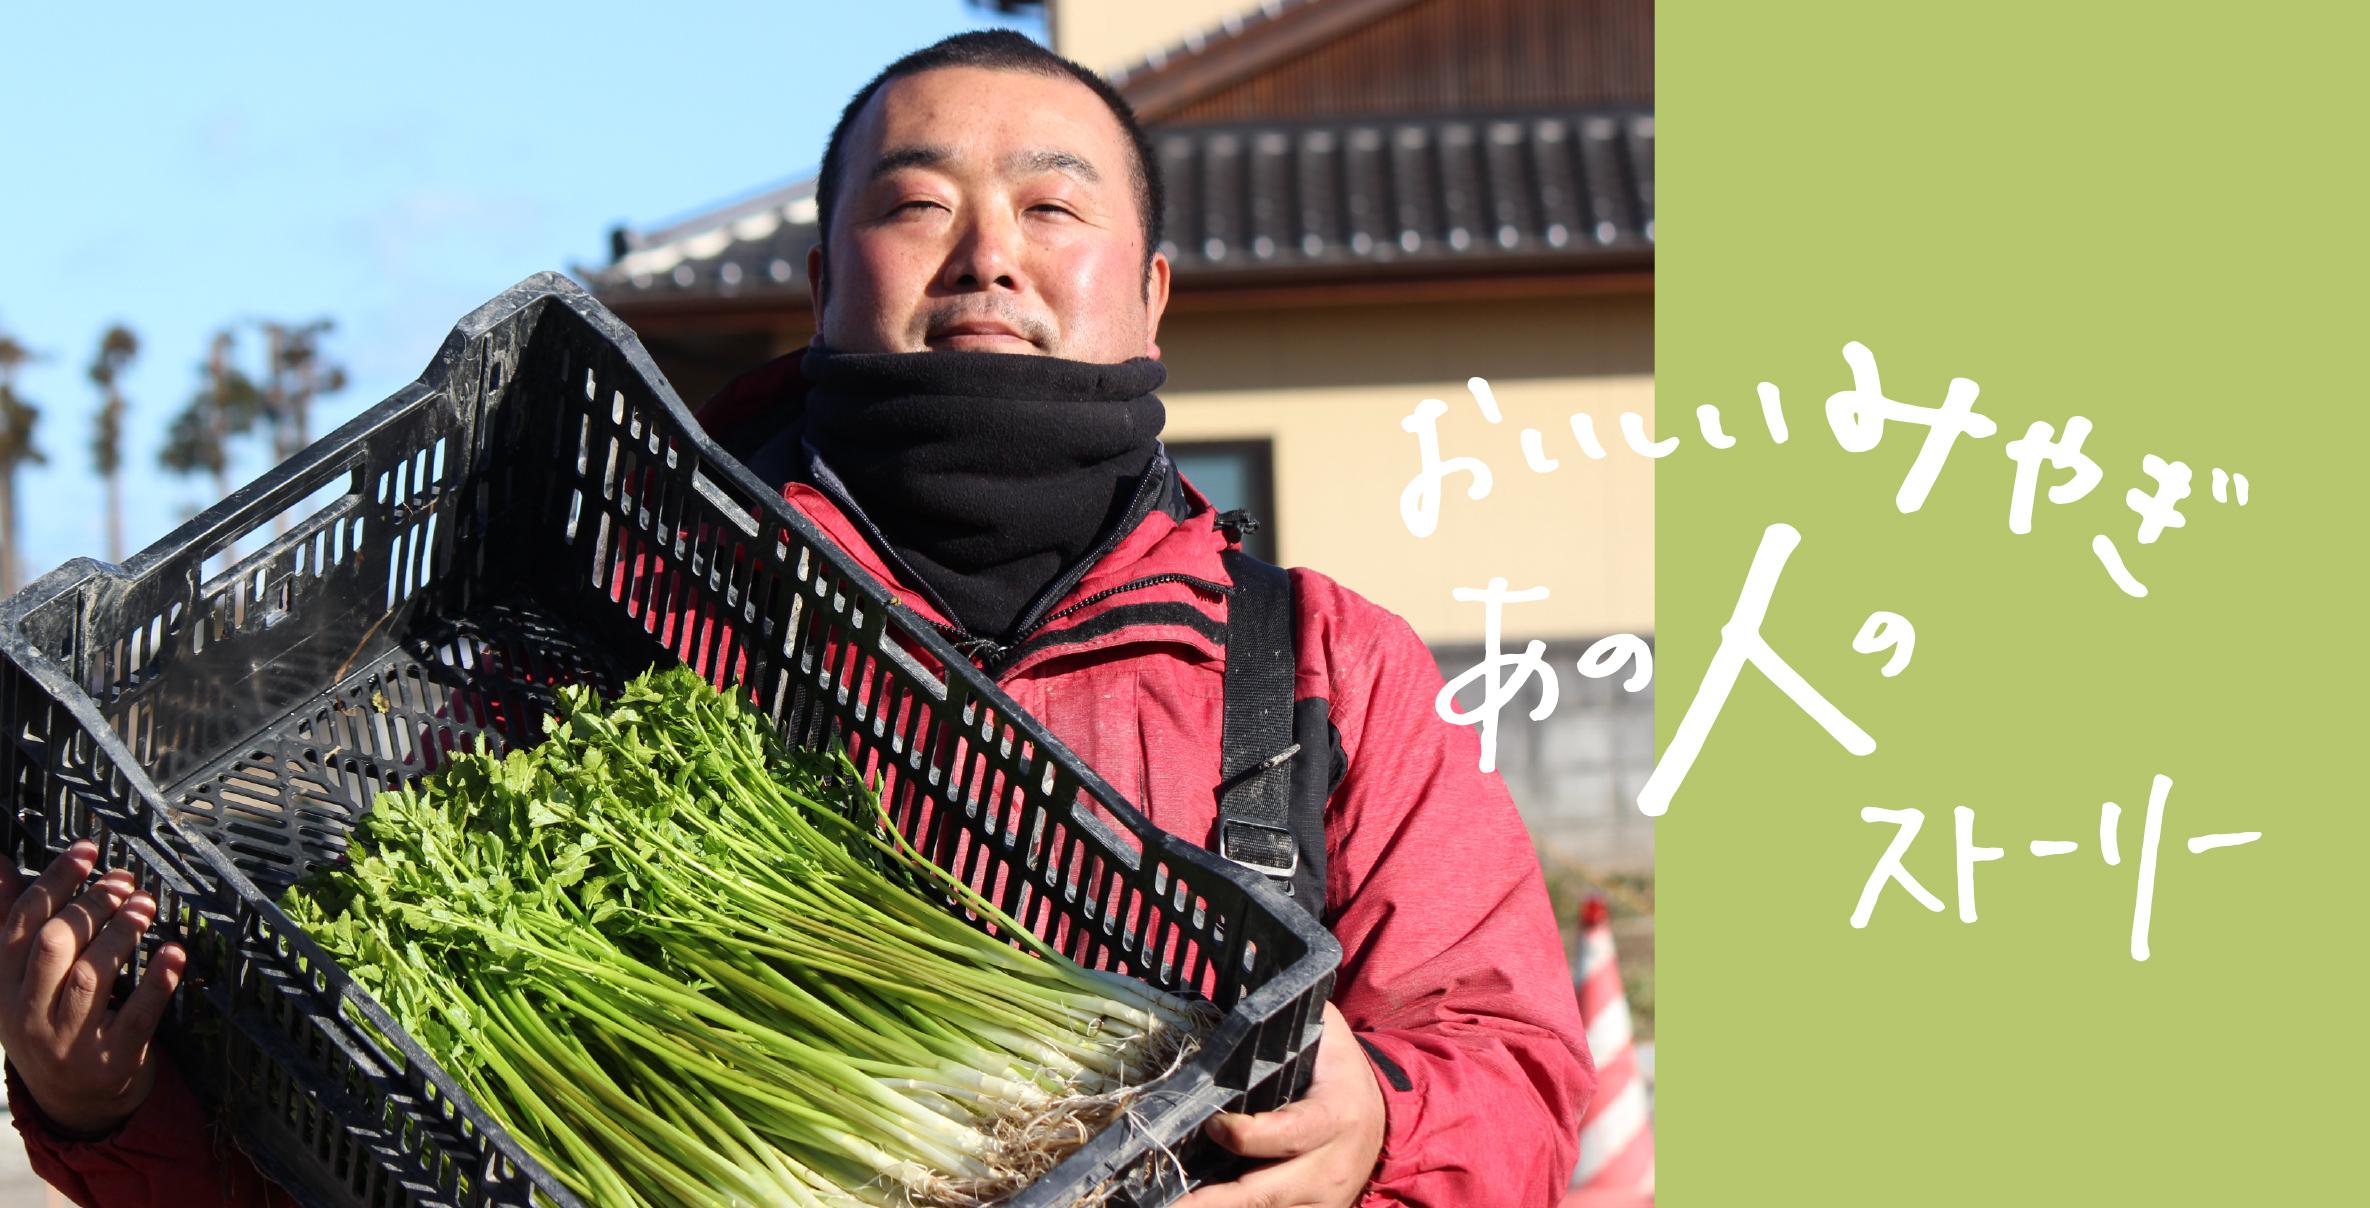 名取 せり農家「三浦農園」三浦隆弘さん